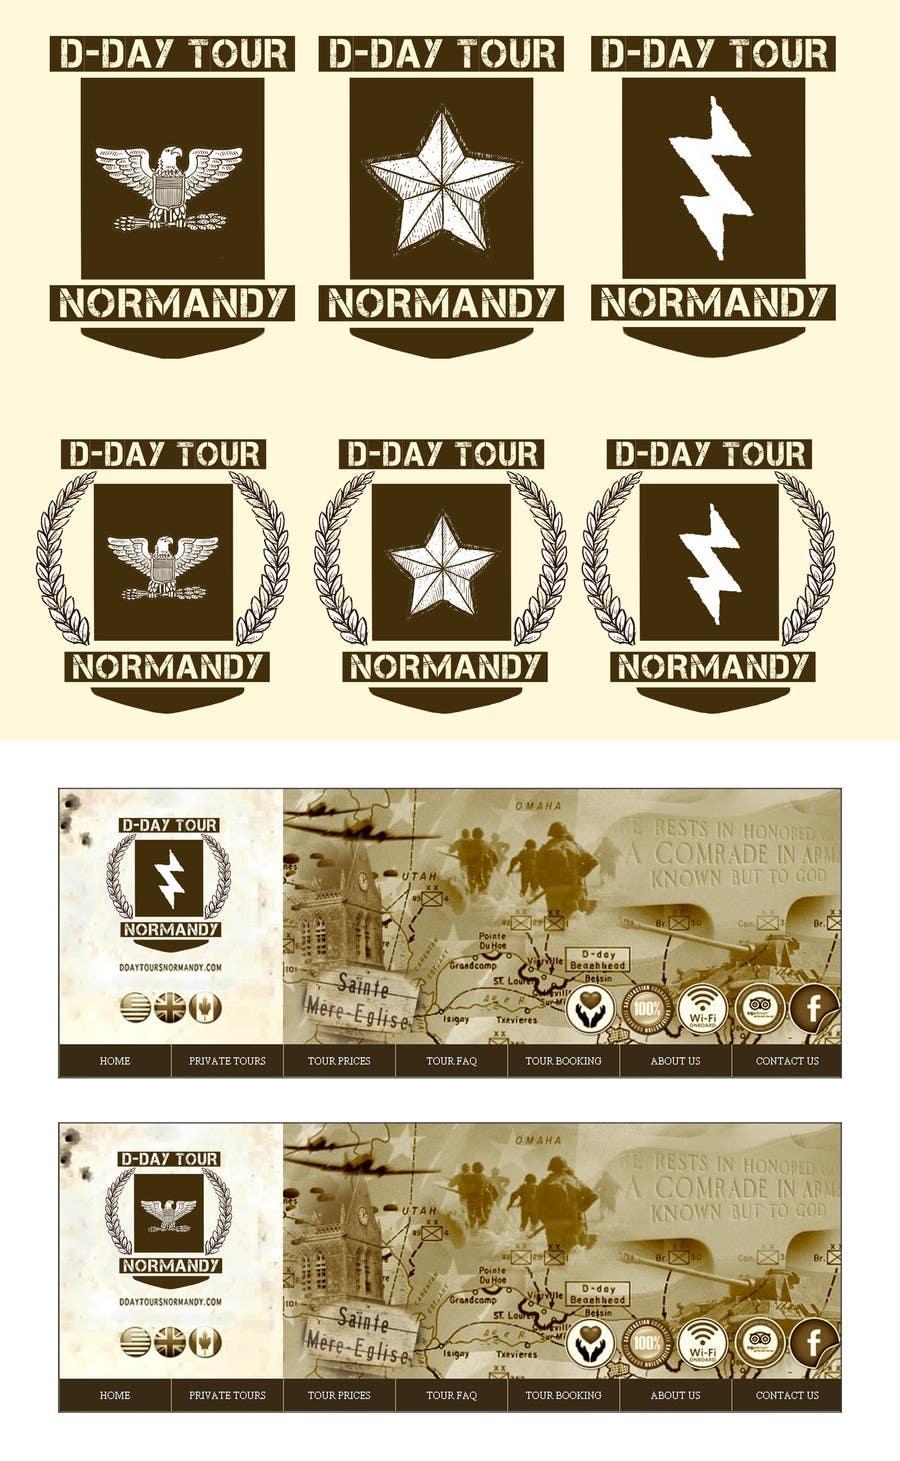 Proposition n°8 du concours D-DAY TOURS NORMANDY LOGO